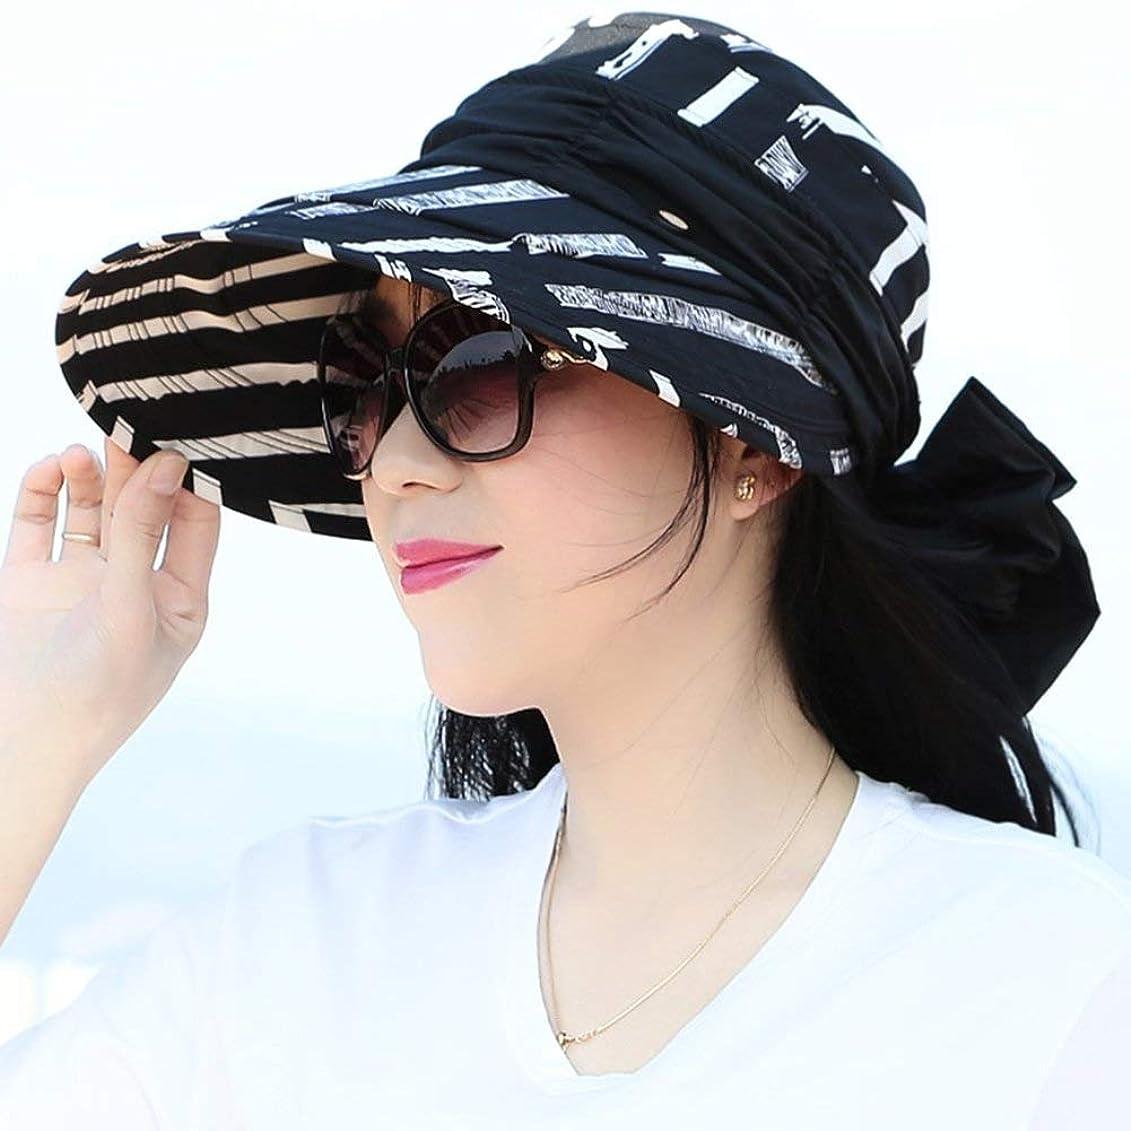 仮定成長する重量女性の広いつばの帽子の紫外線保護日曜日の帽子のバイザーの帽子の複数の身に着けている方法 (Color : Black)